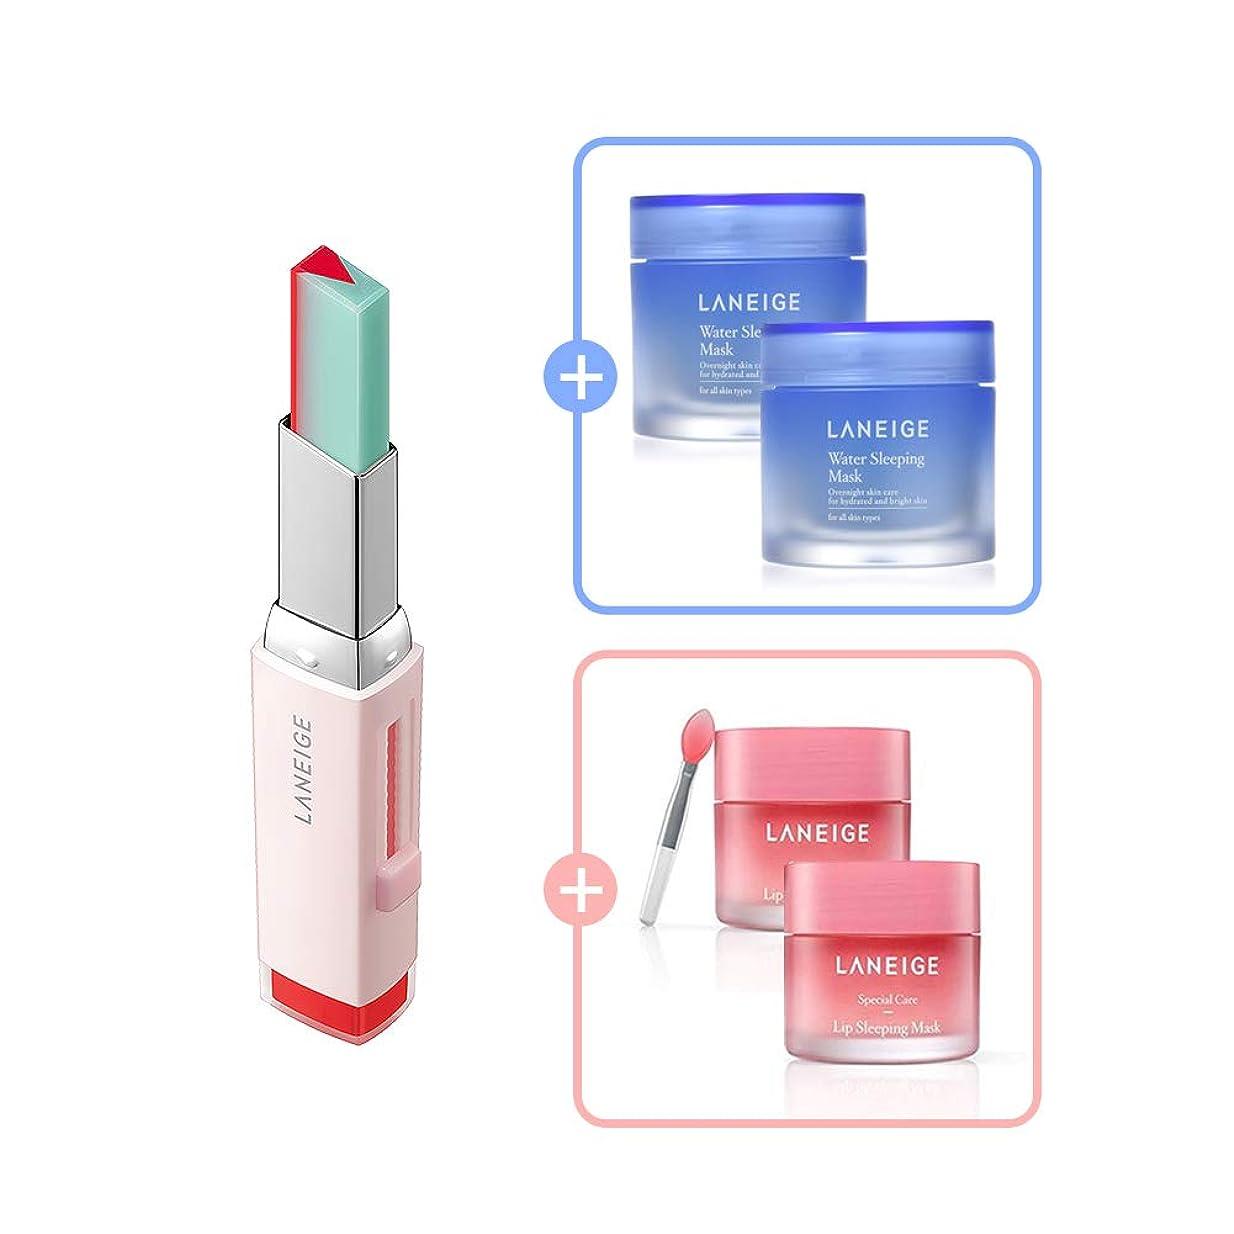 自明オレンジ選挙Two Tone Tint Lip Bar 2g (No.3 Tint Mint)/ツートーン ティント バー 2g (No.3 ティント ミント) [数量限定!人気商品のサンプルプレゼント!]